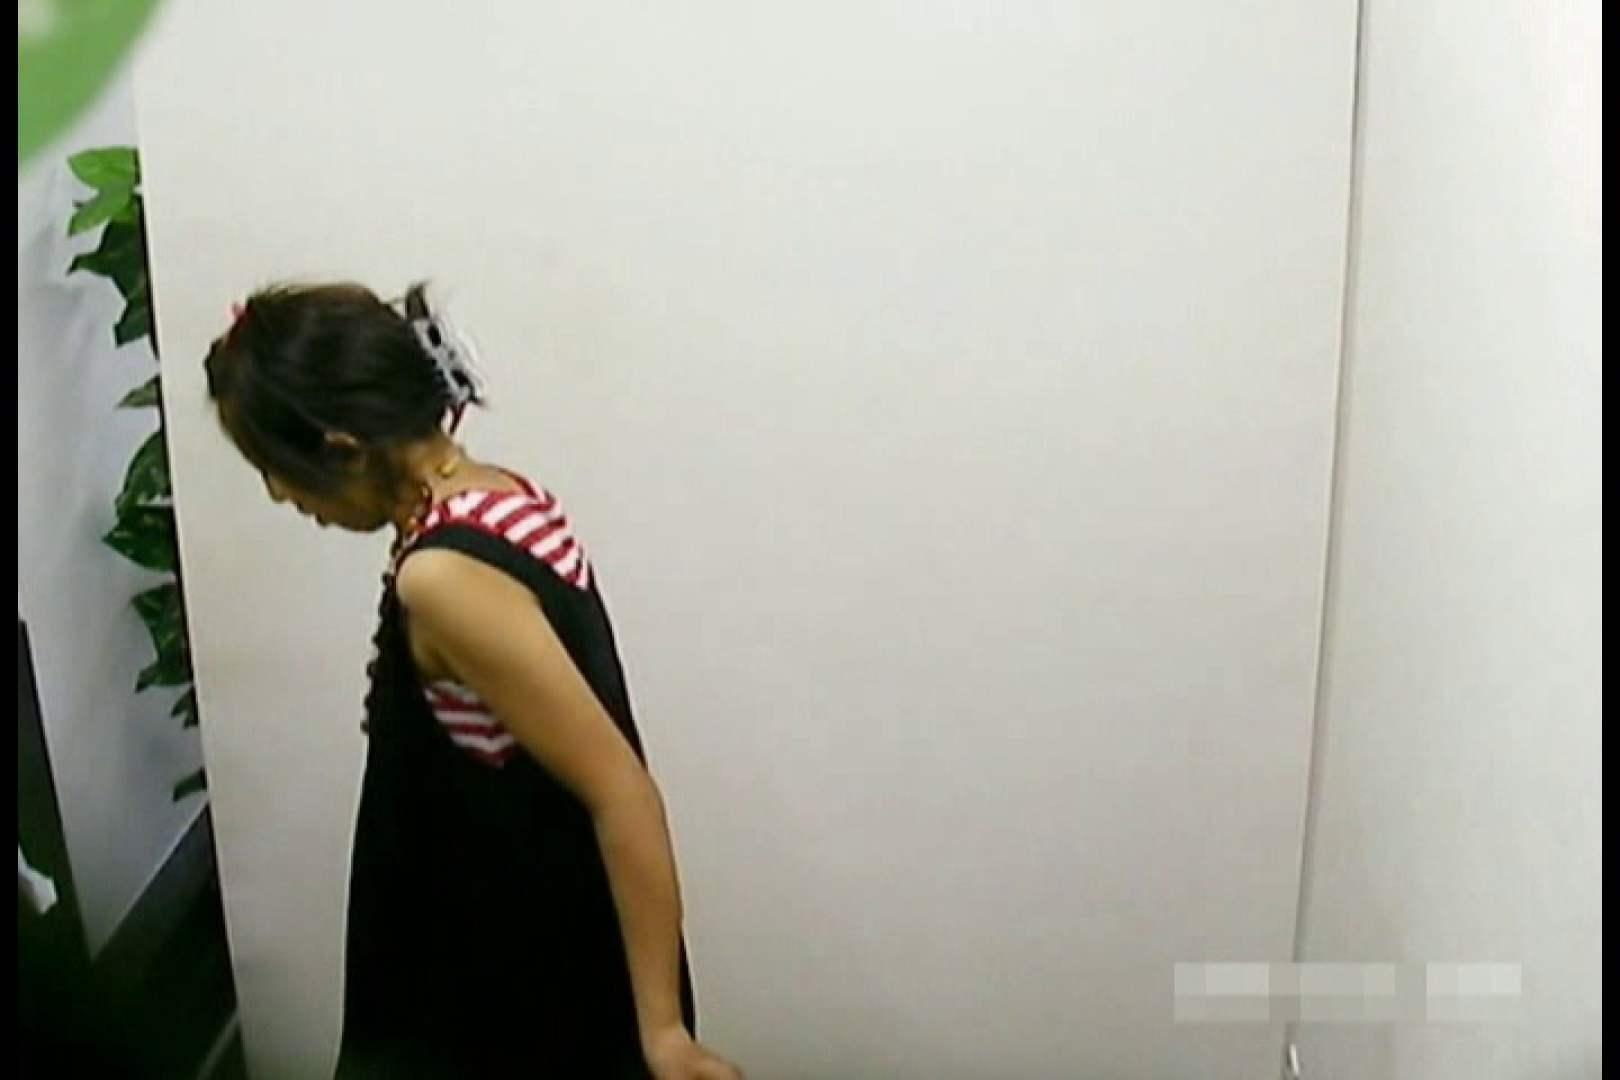 素人撮影 下着だけの撮影のはずが・・・エミちゃん18歳 丸見え えろ無修正画像 105連発 7